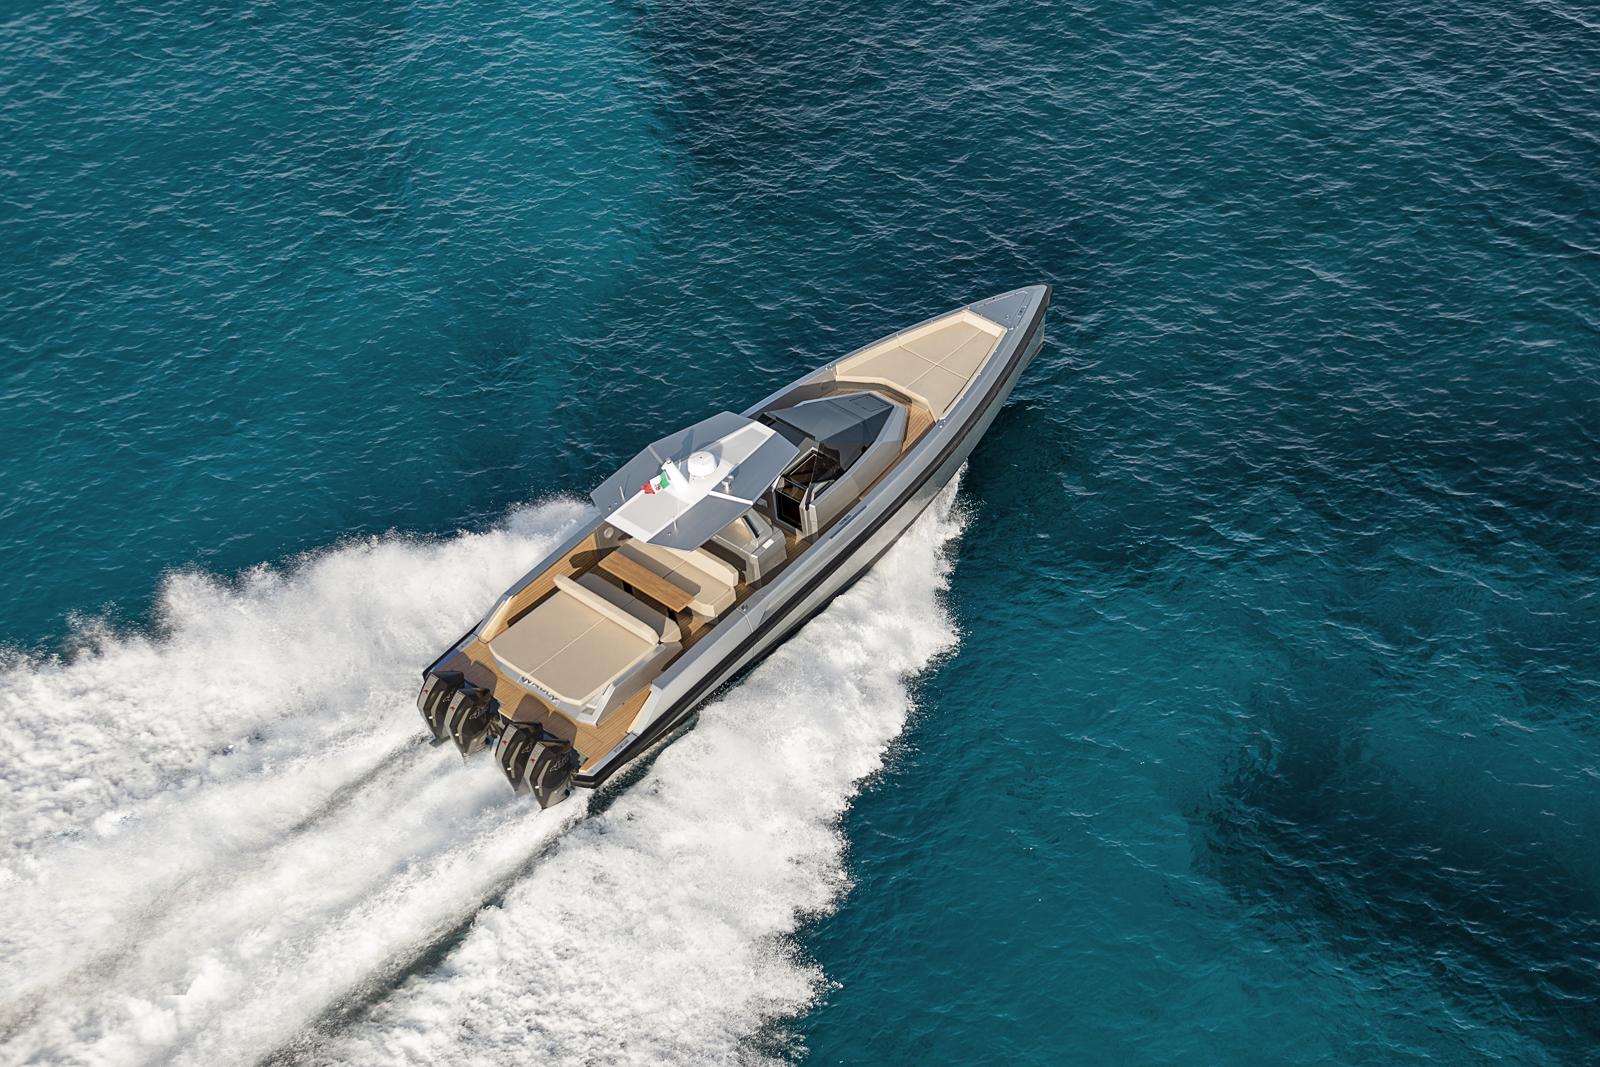 最高时速达55节的48Wally tender X将前往迈阿密游艇展首秀